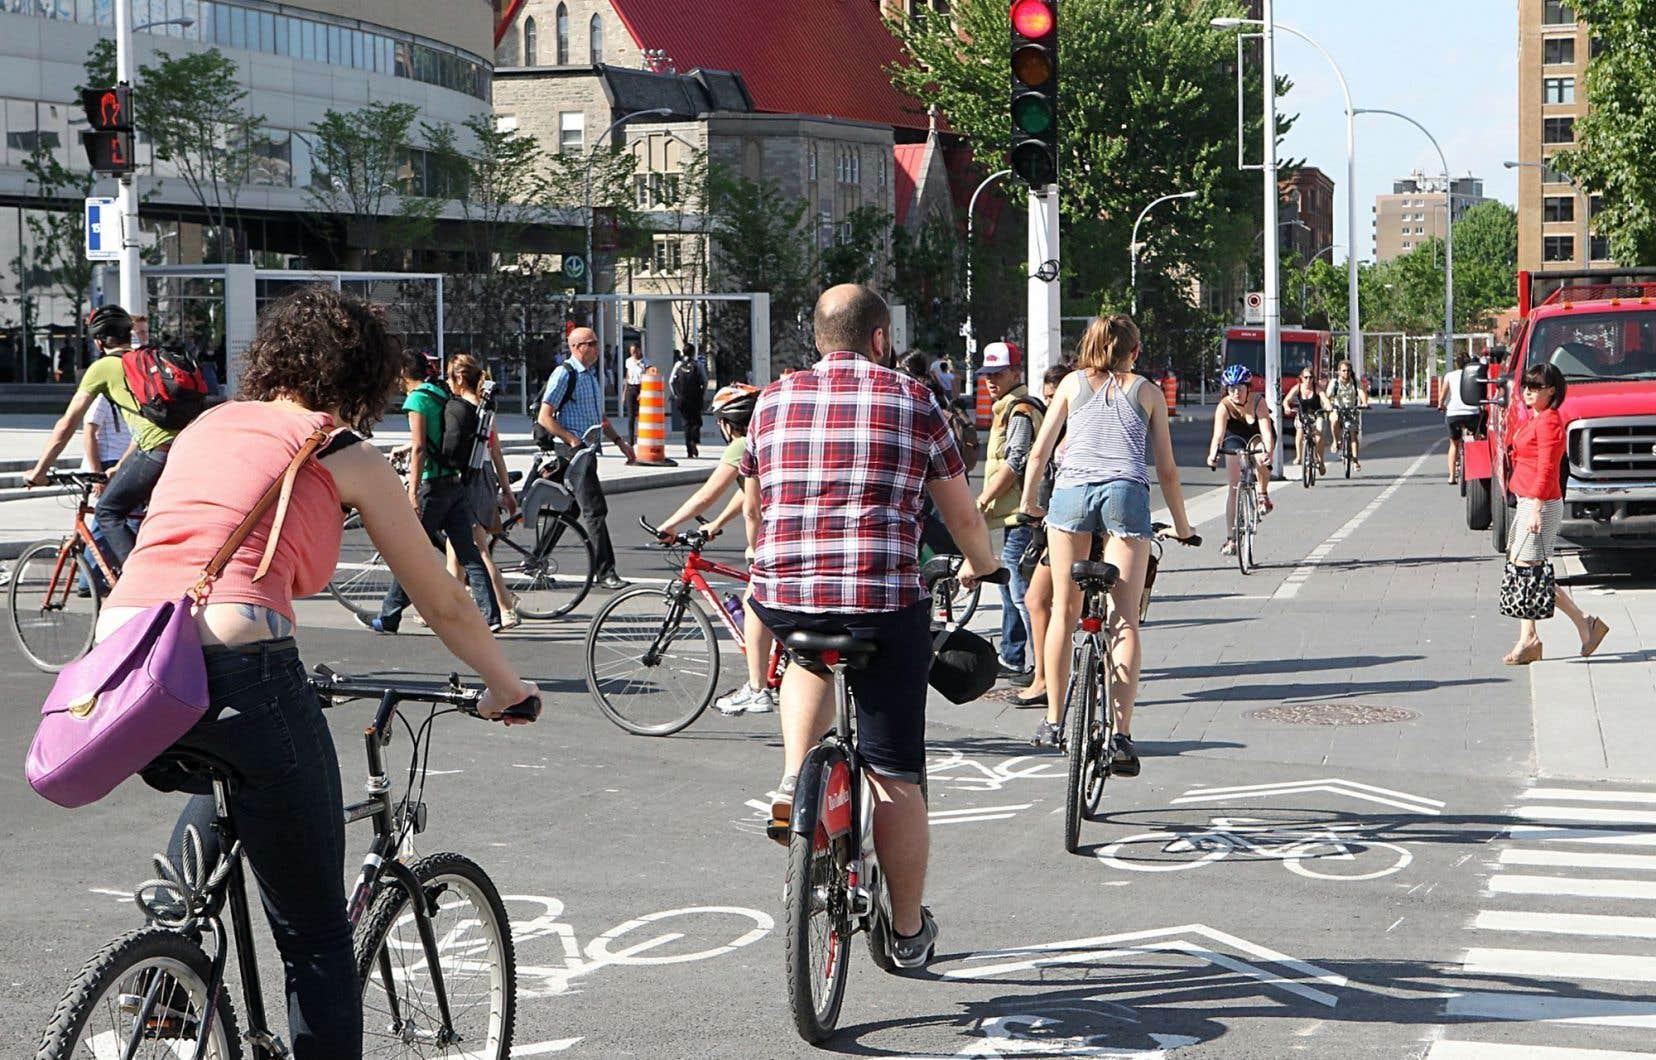 Les jeunes adultes de la génération Y qui choisissent de s'installer dans la métropole retardent largement l'achat de leur premier véhicule motorisé, selon l'urbaniste Félix Gravel.<br />